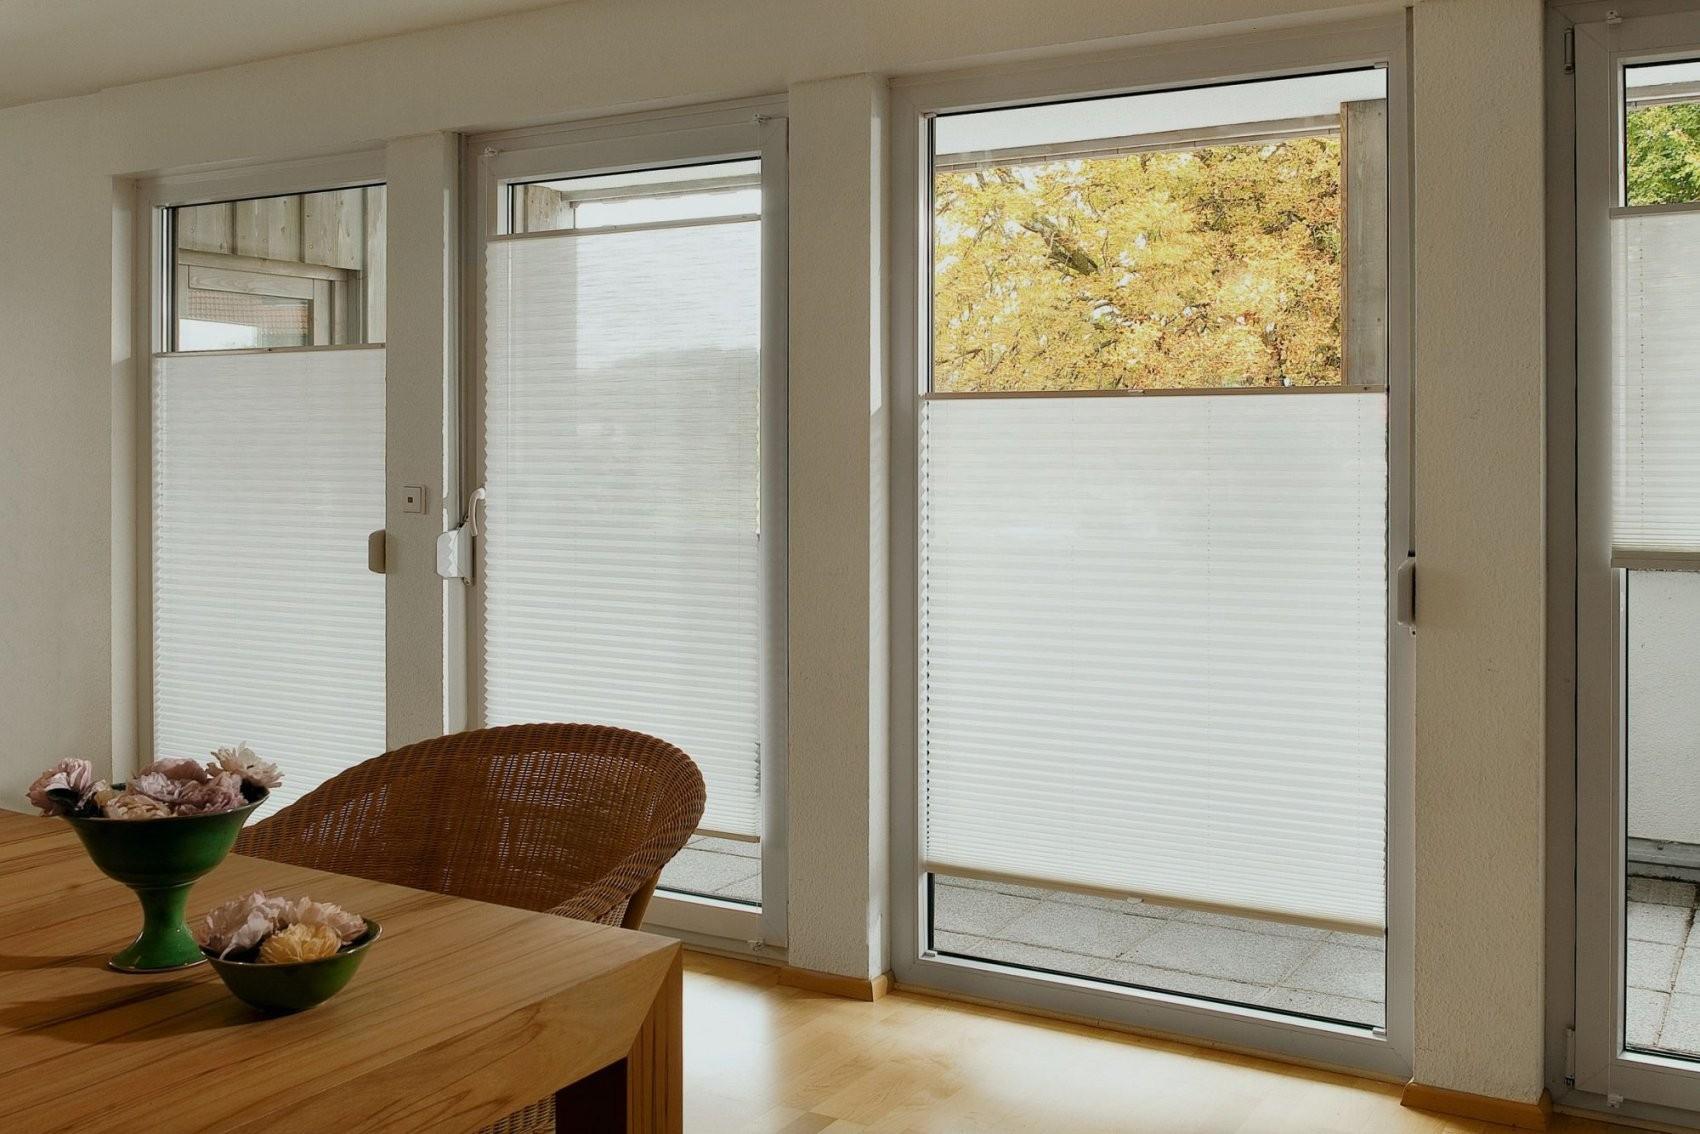 15 Herrlich Und Warm Fenster Jalousien Innen  Fenster Galerie von Fenster Jalousien Innen Fensterrahmen Photo